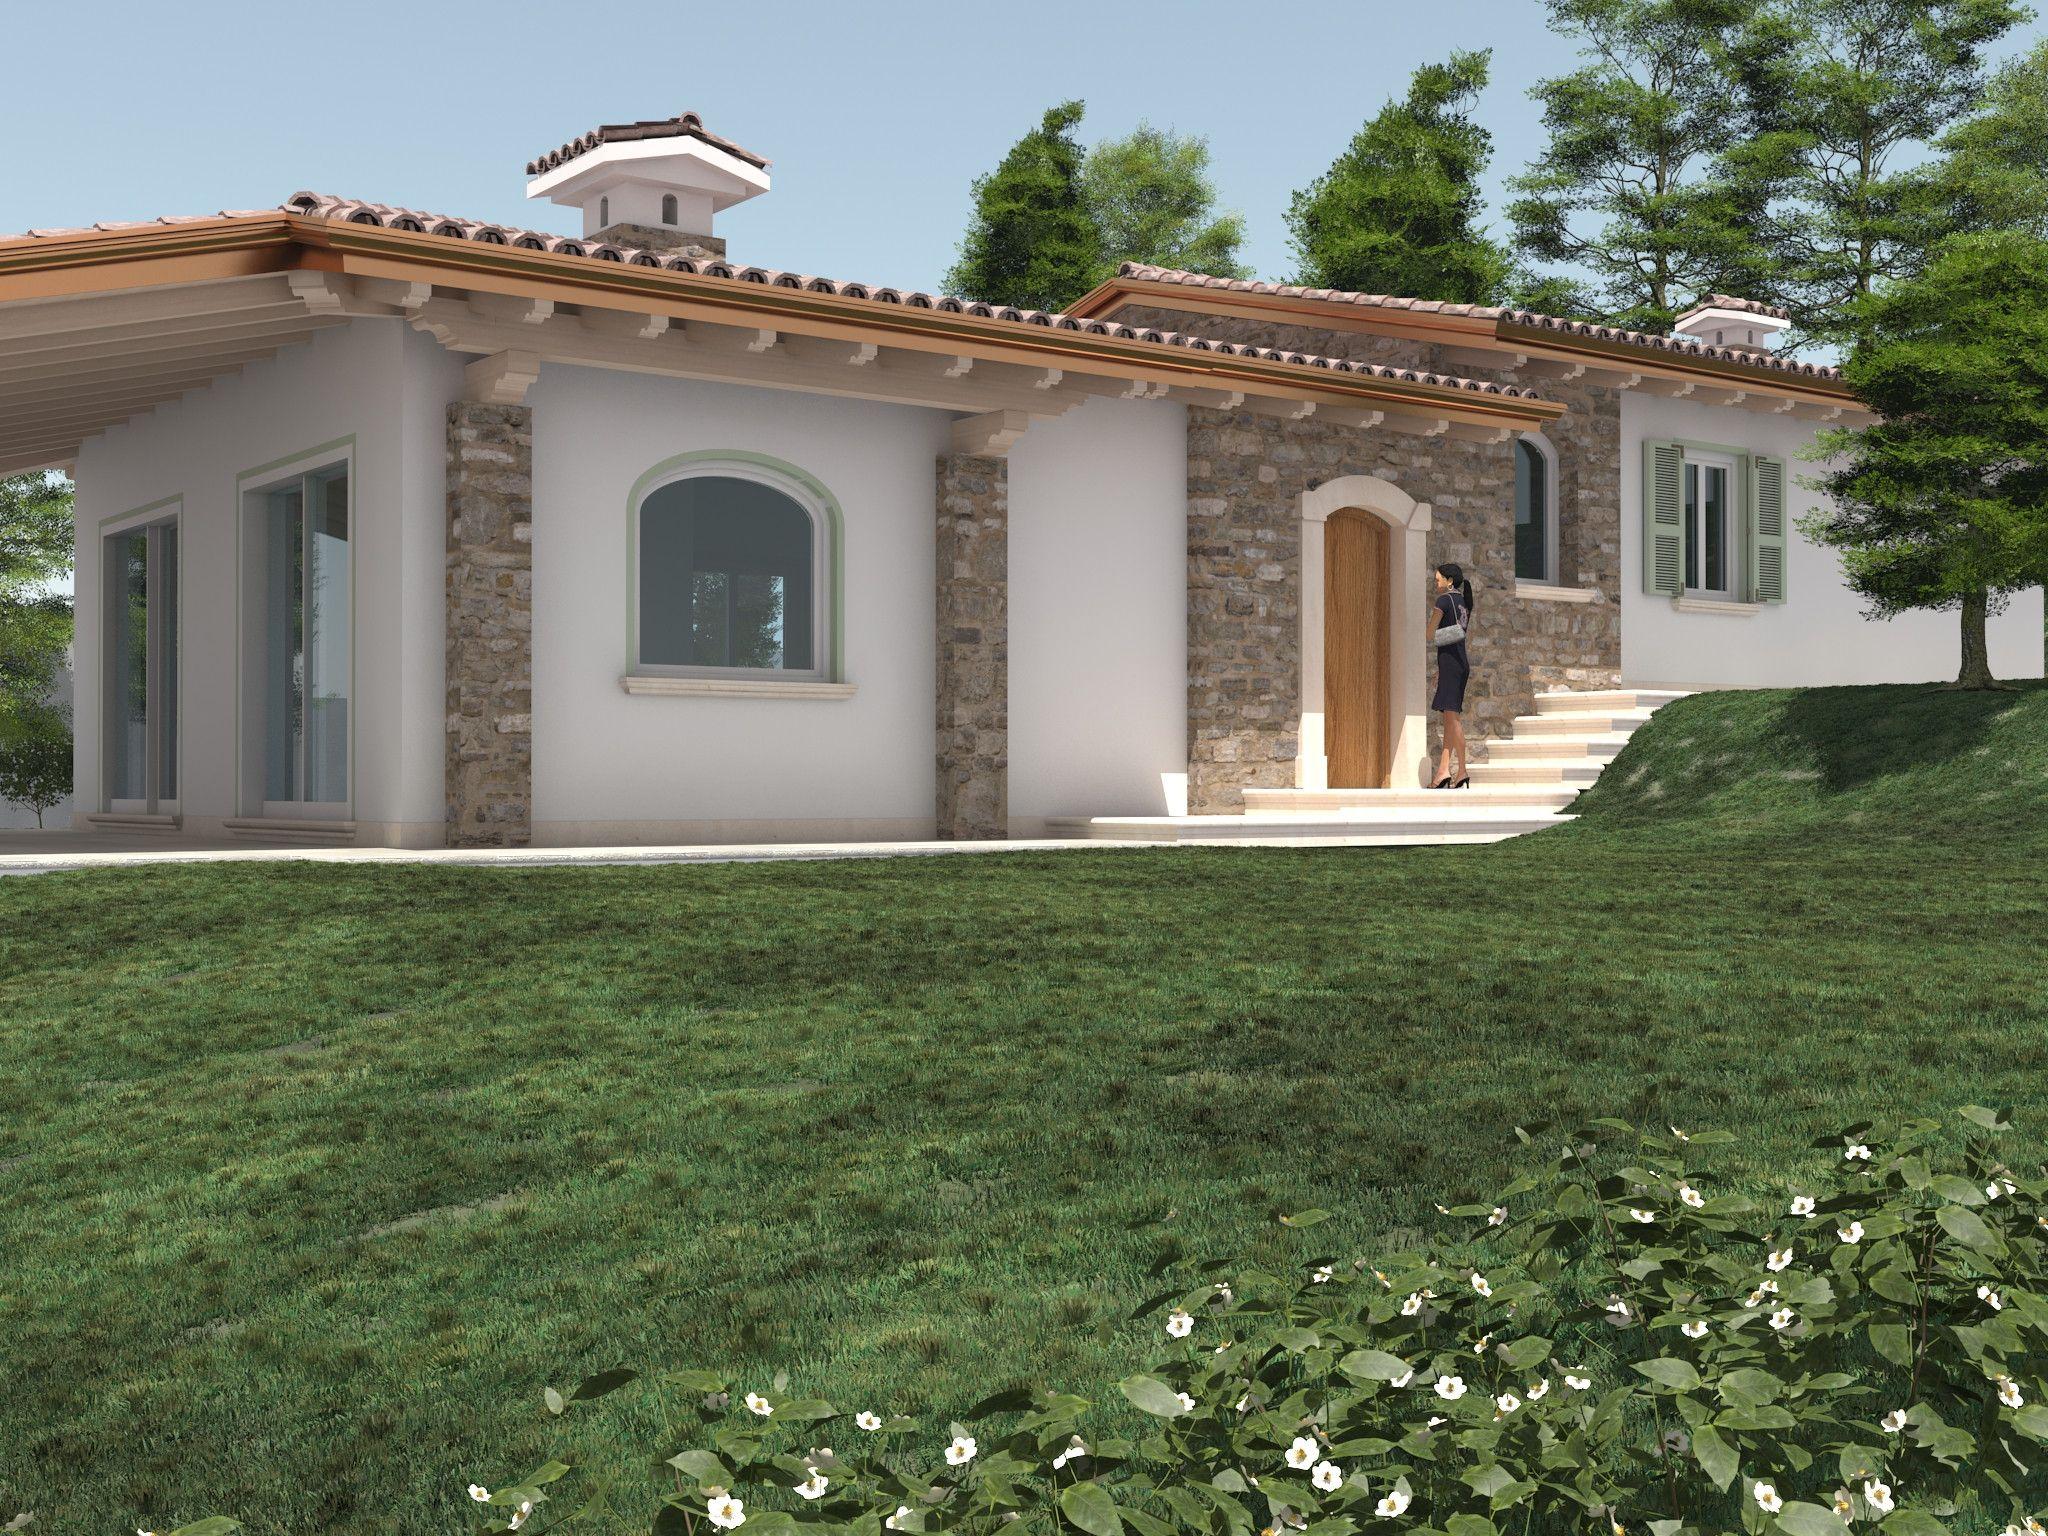 Villa como con villette moderne su un piano e 02 2 33 con for Case bellissime esterni